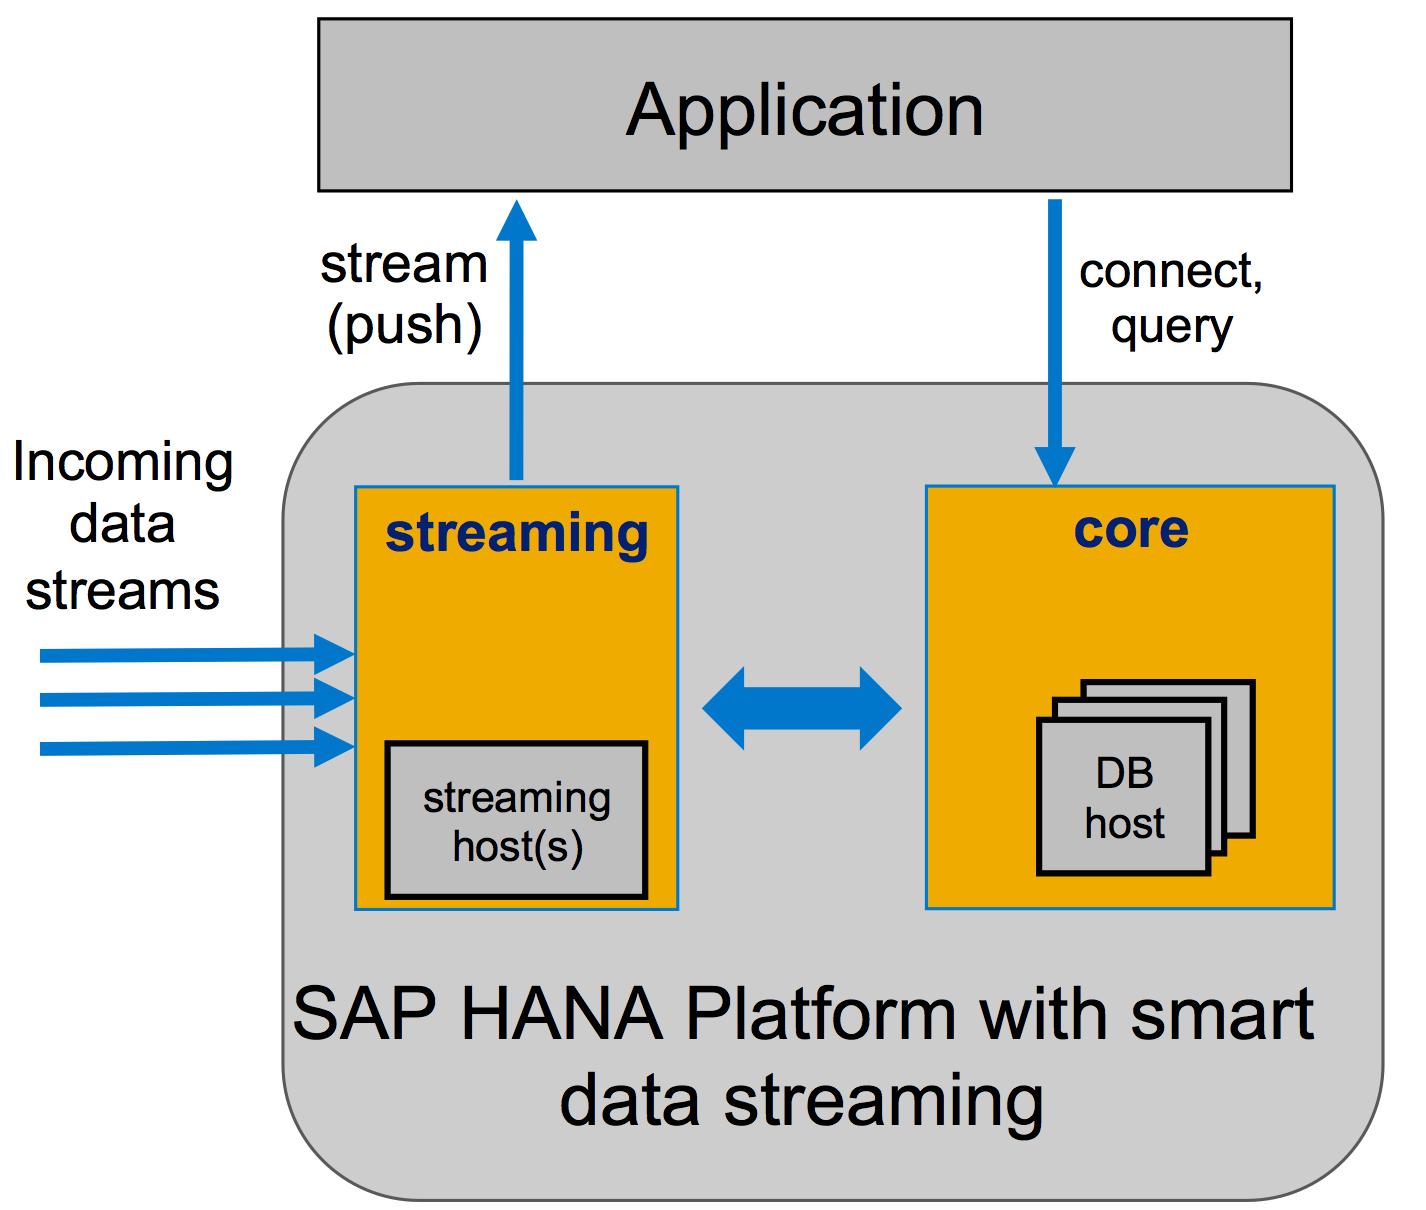 HANA Smart Data Streaming in Action | SAP Blogs